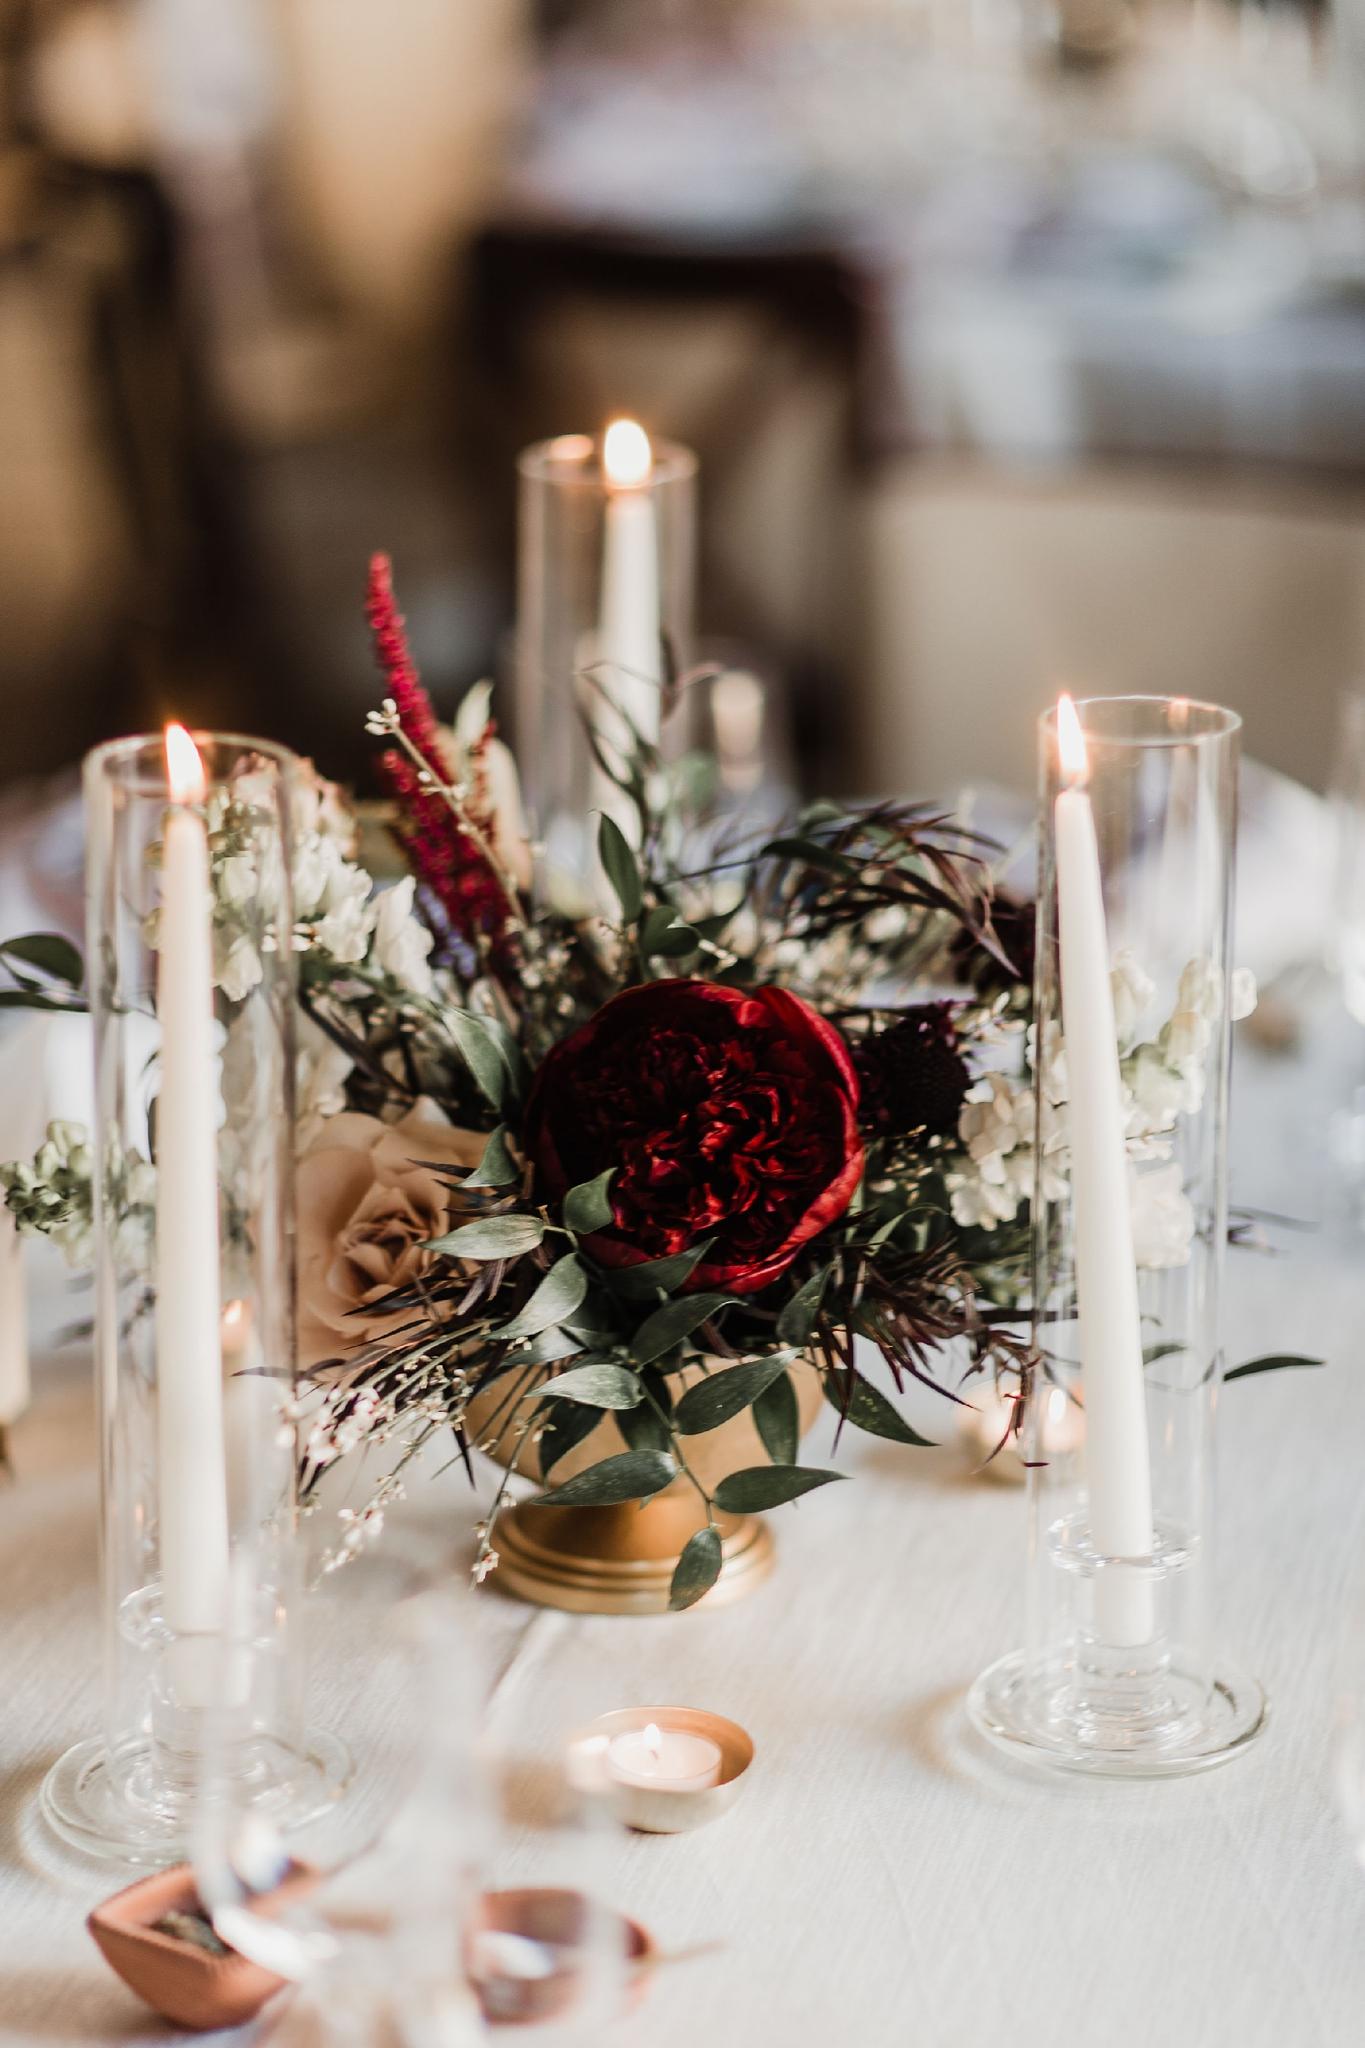 Alicia+lucia+photography+-+albuquerque+wedding+photographer+-+santa+fe+wedding+photography+-+new+mexico+wedding+photographer+-+new+mexico+wedding+-+new+mexico+florist+-+floriography+flowers+-+floriography+flowers+new+mexico+-+wedding+florist_0038.jpg